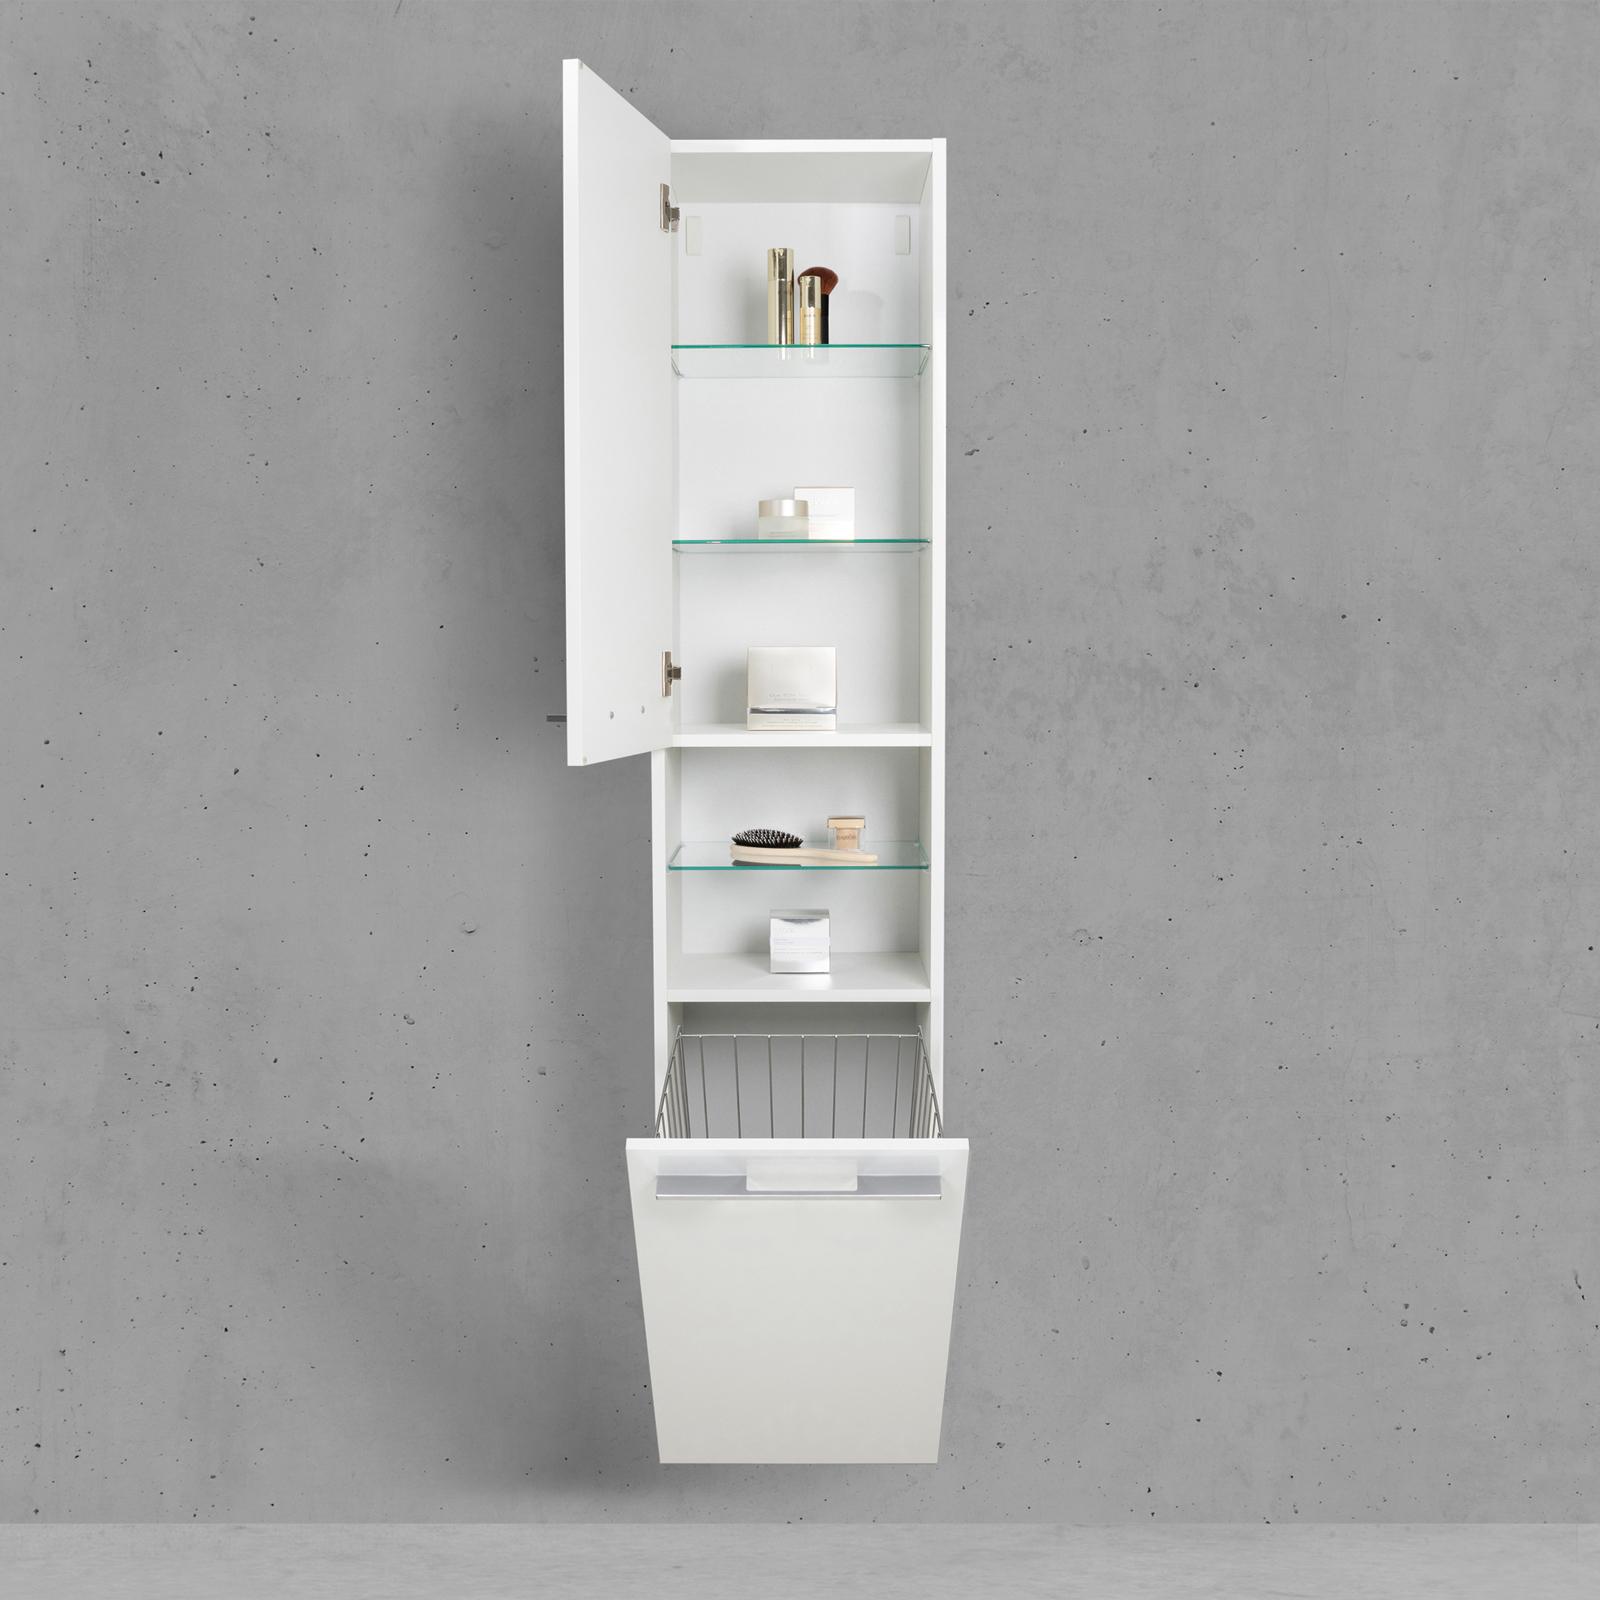 Badschrank Mit Wäschekippe Hochschrank Hbt 176640325cm Weiß